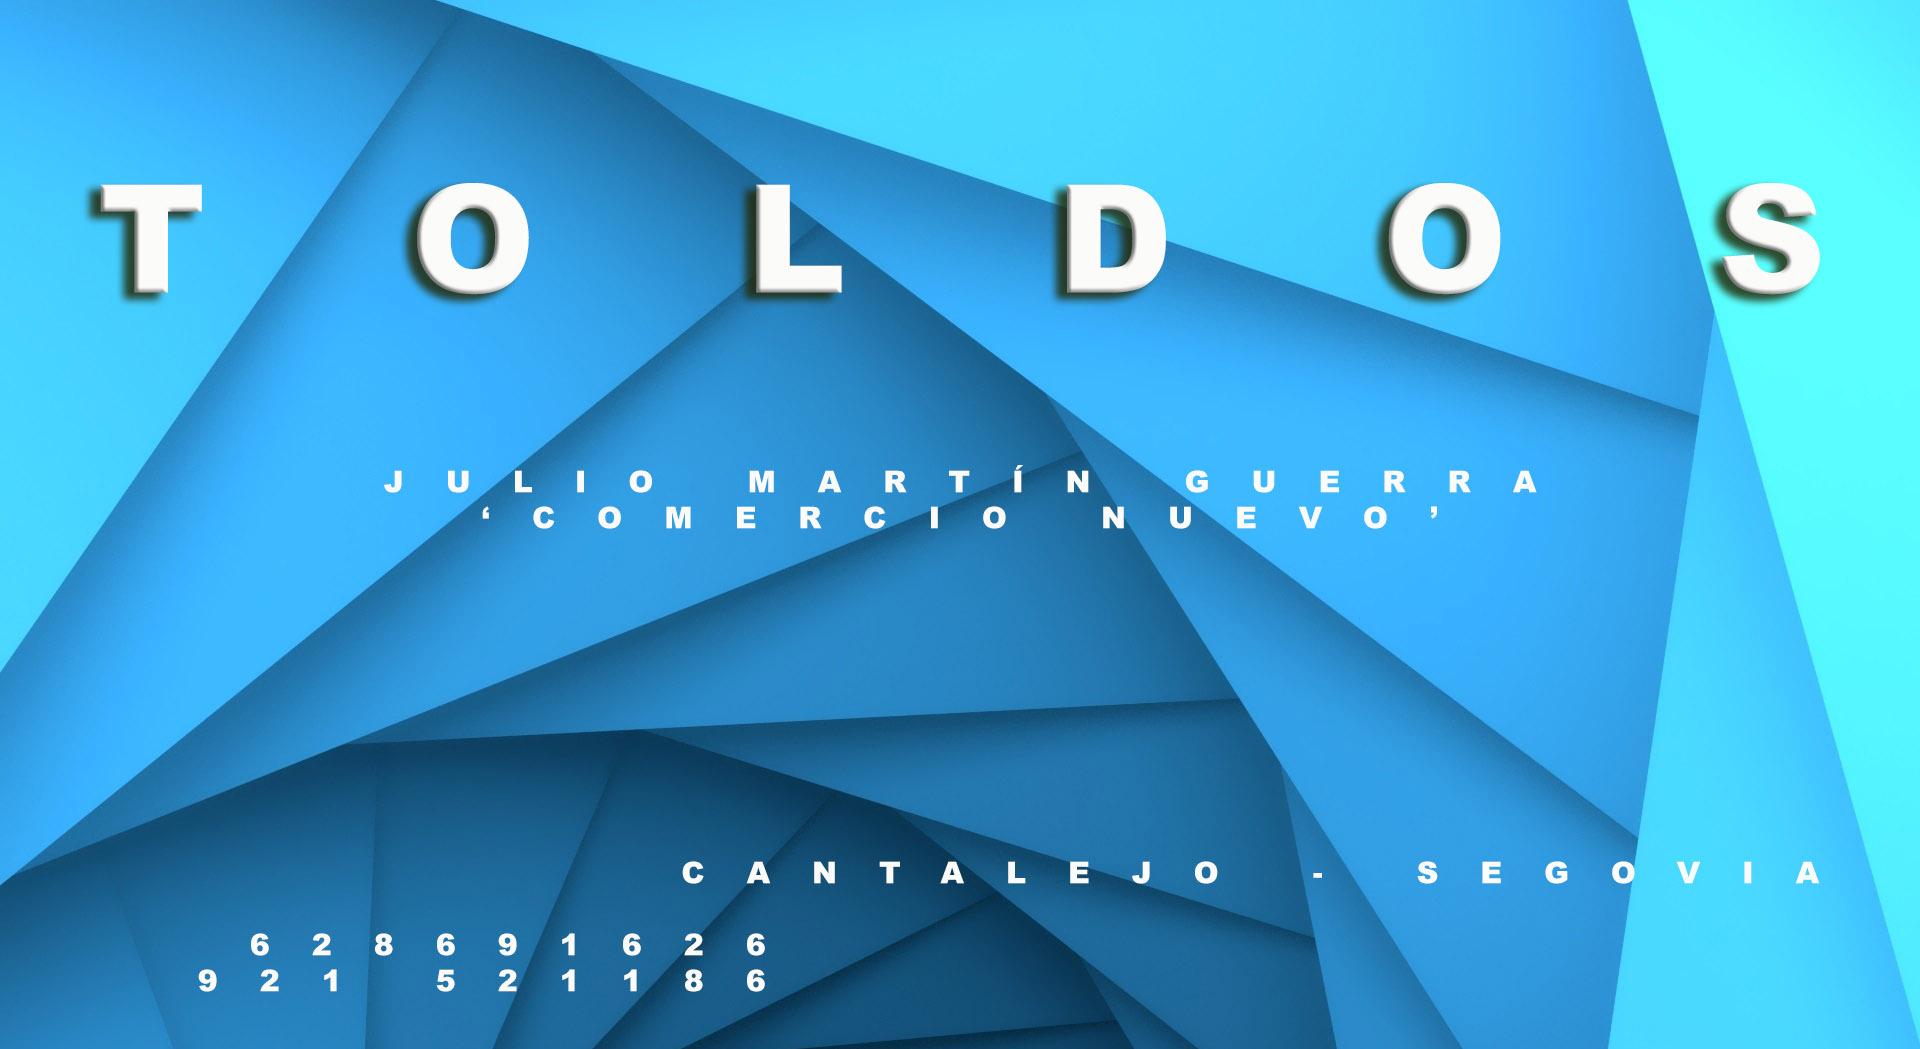 Toldos-J.Martin-Guerra-01